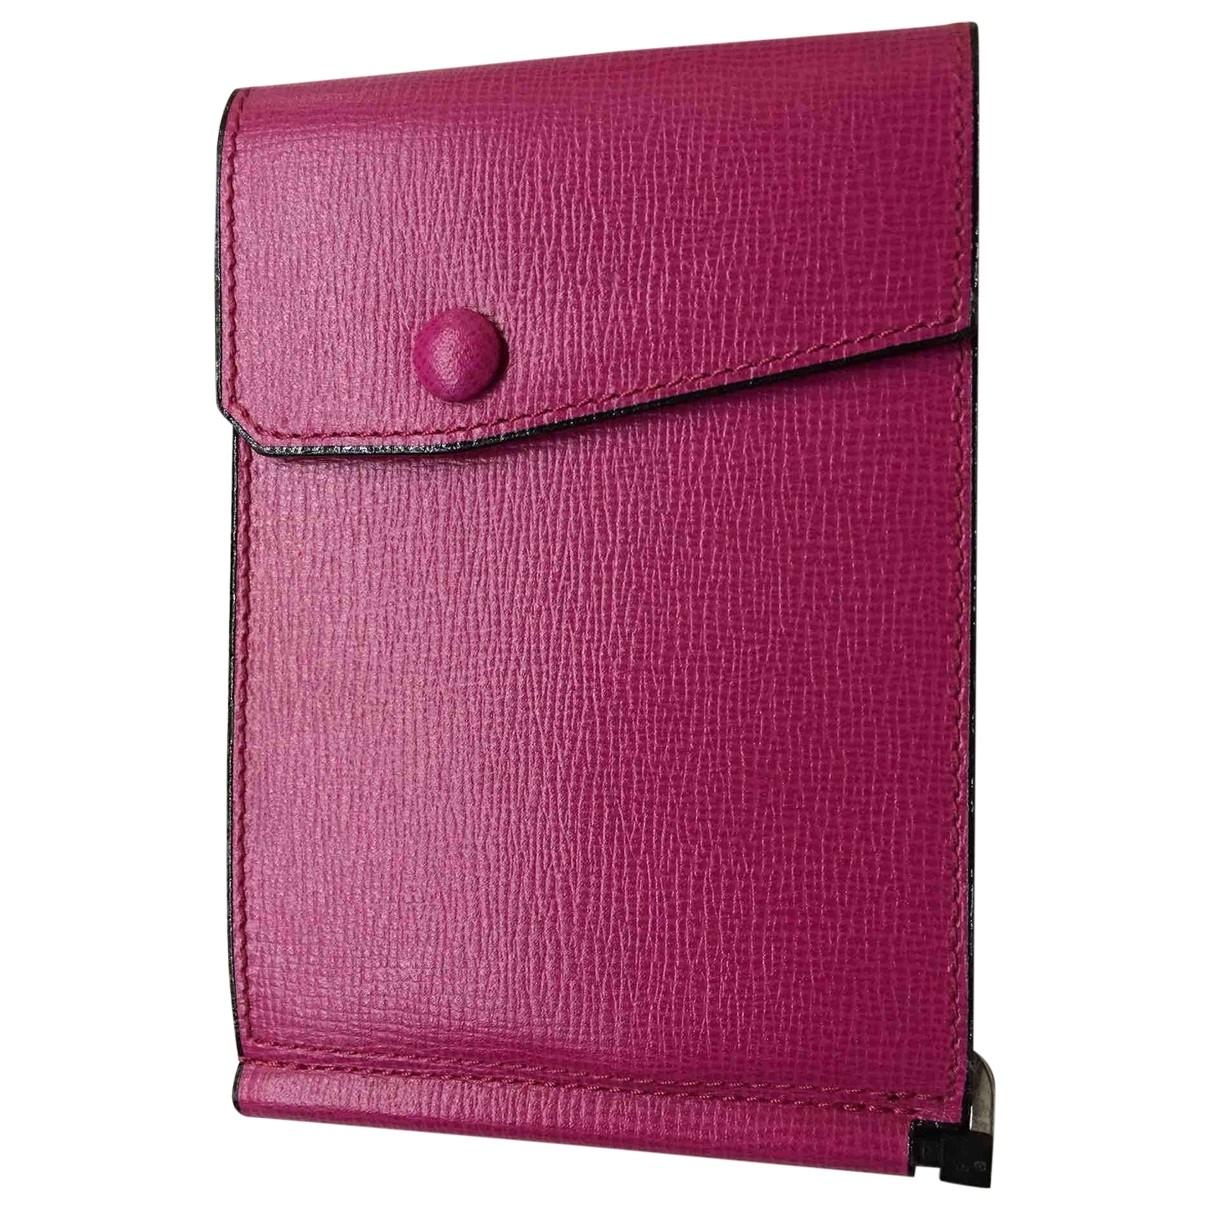 Valextra - Portefeuille   pour femme en cuir - rose